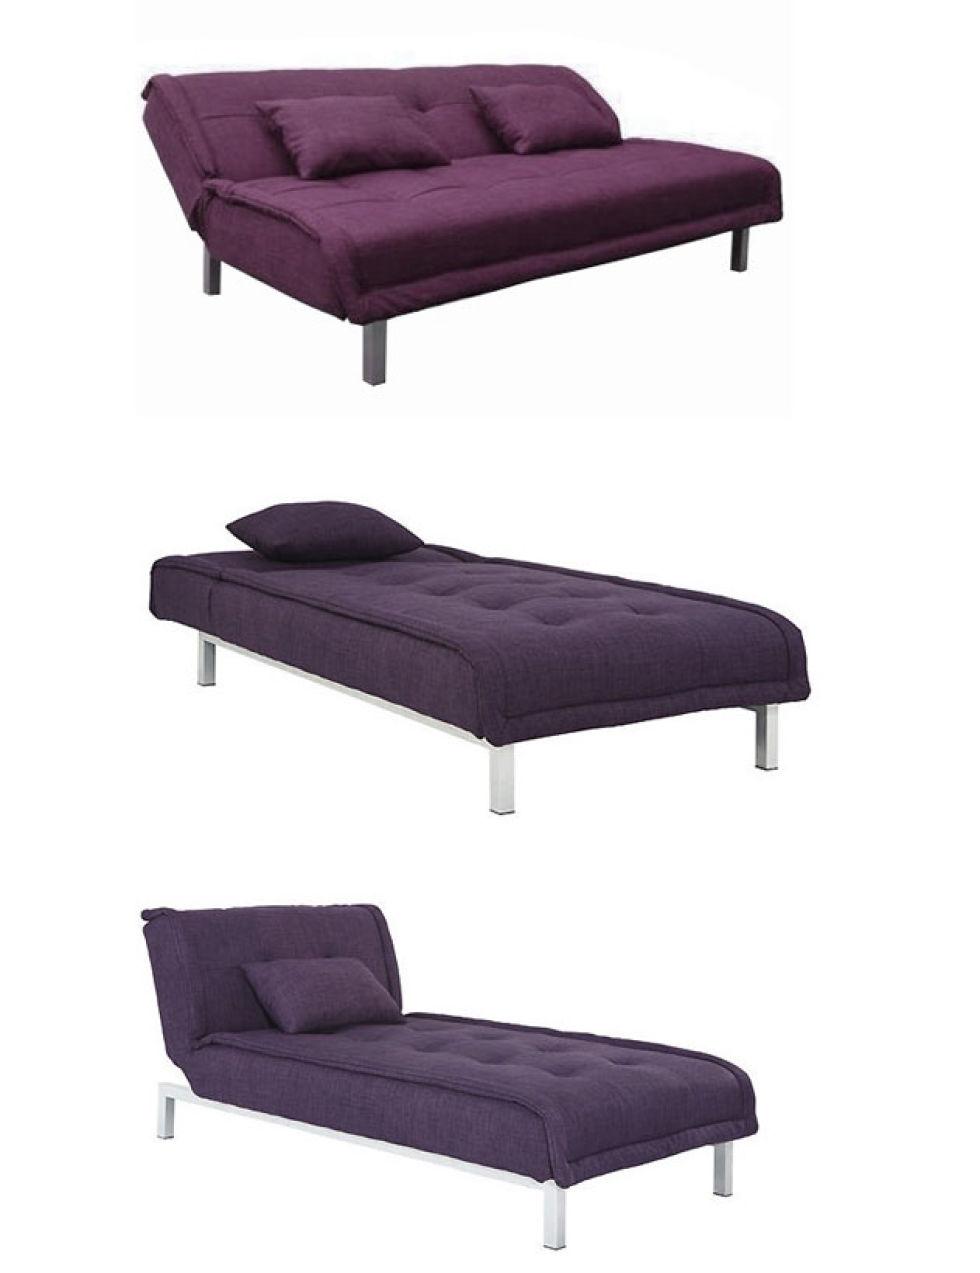 Sofa cama en ingles el corte ingls sof de lino en colores - Sofas cama buenos ...